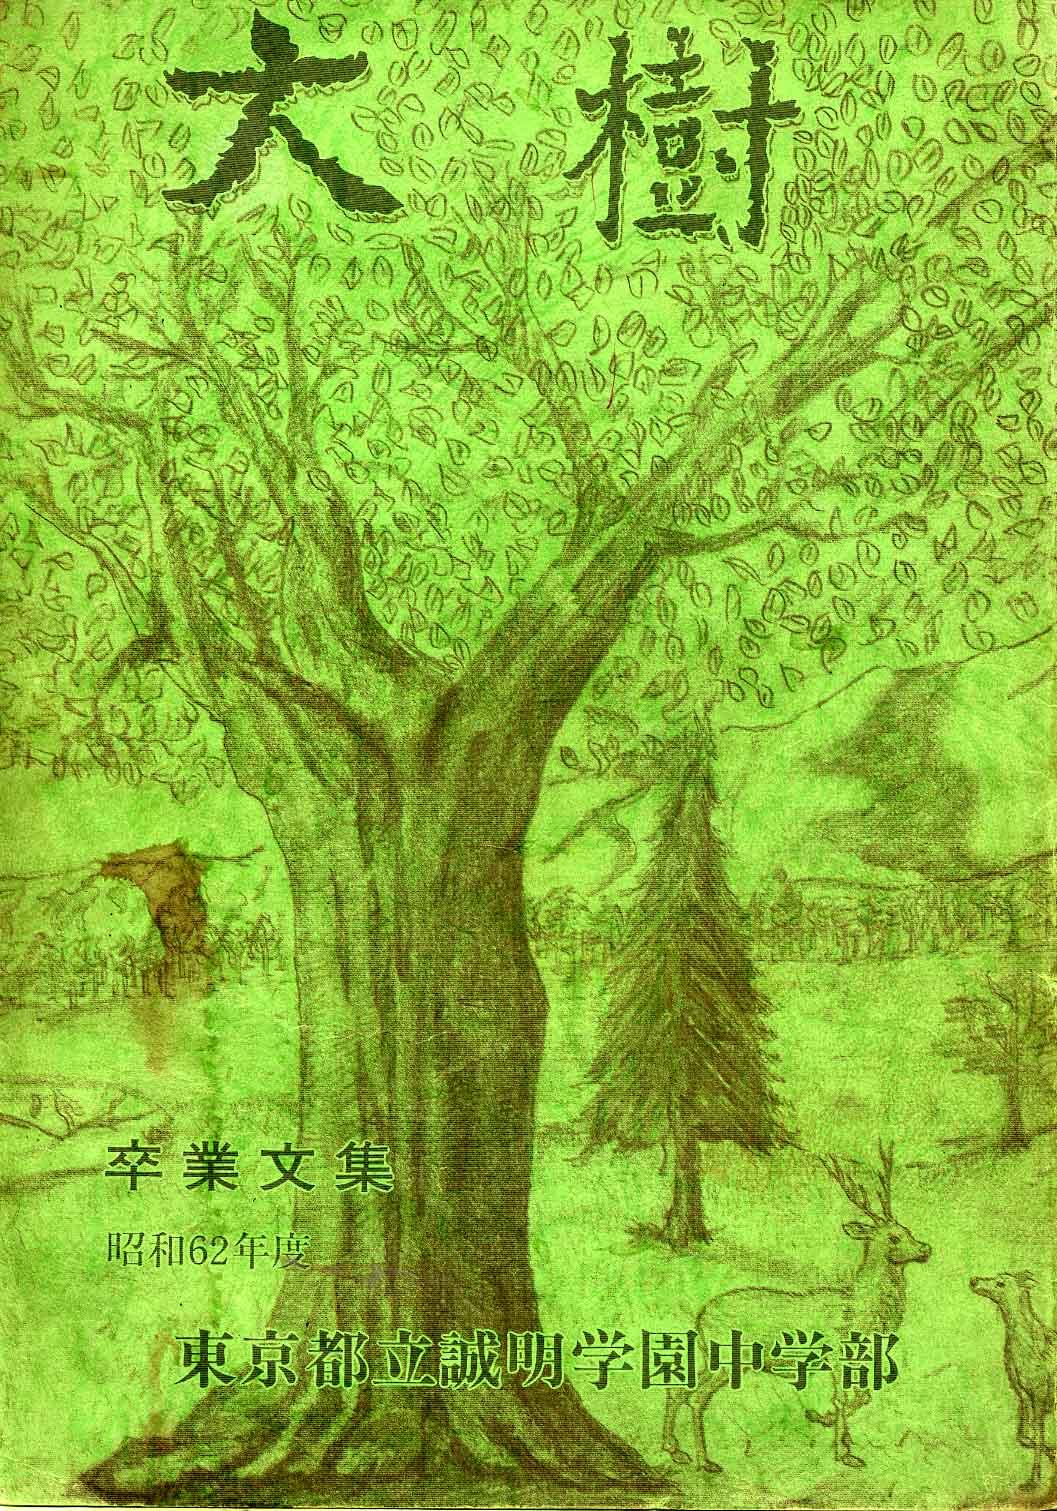 昭和62年度文集大樹表紙